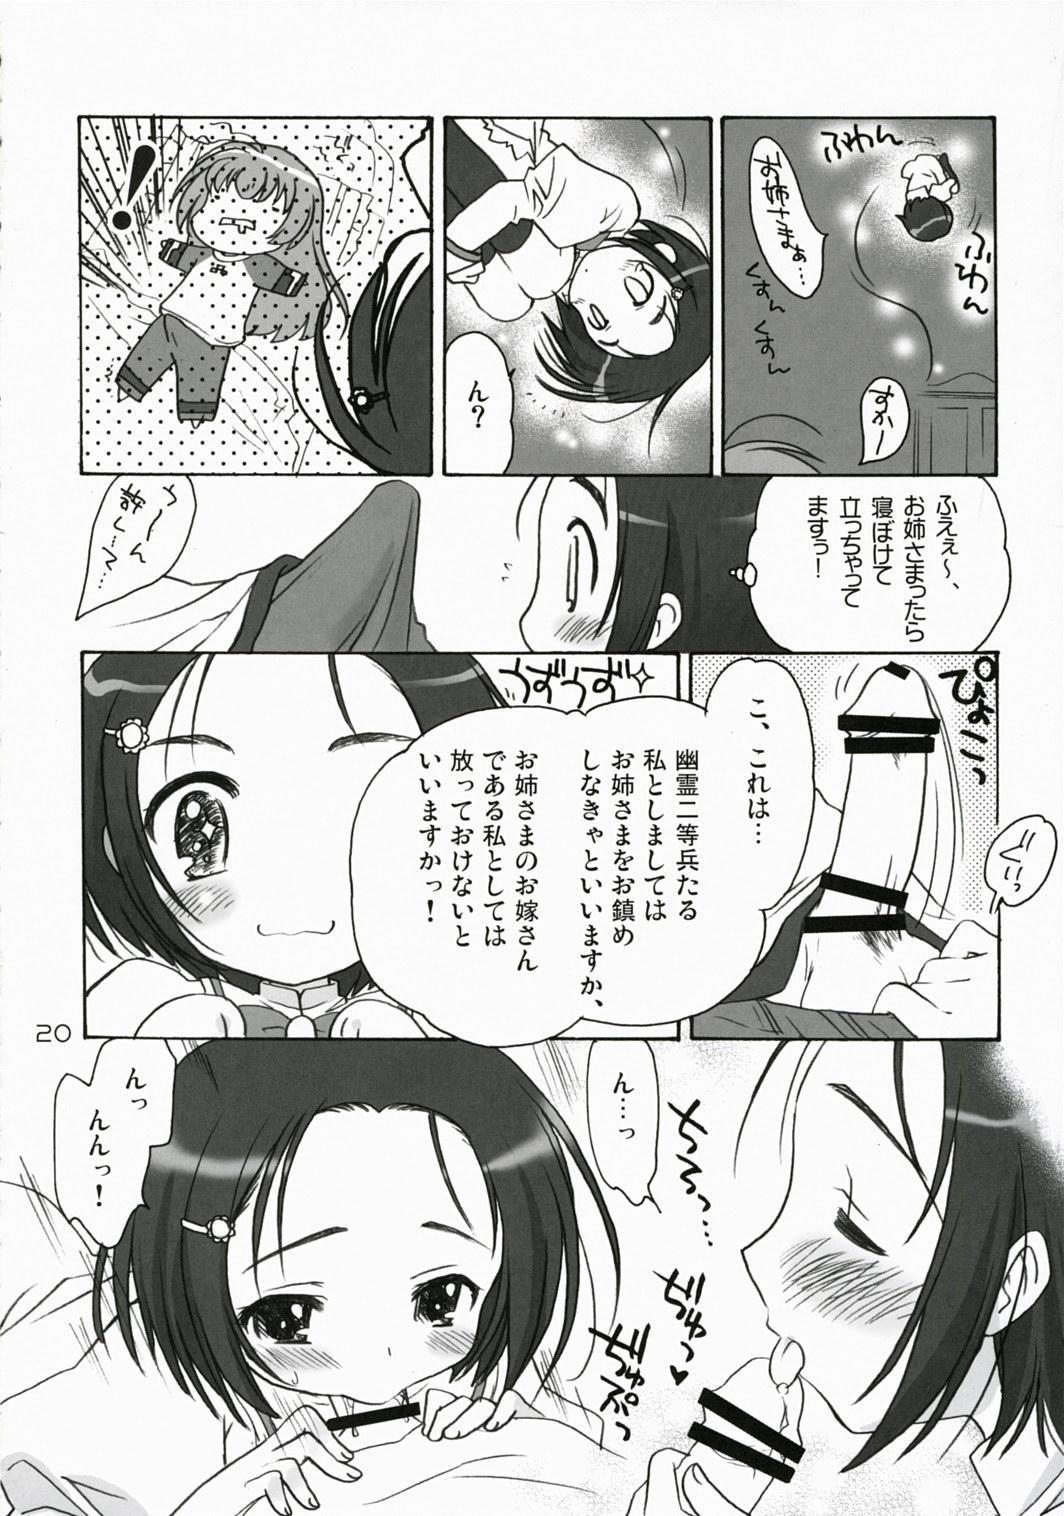 Elder ni onegai! 18